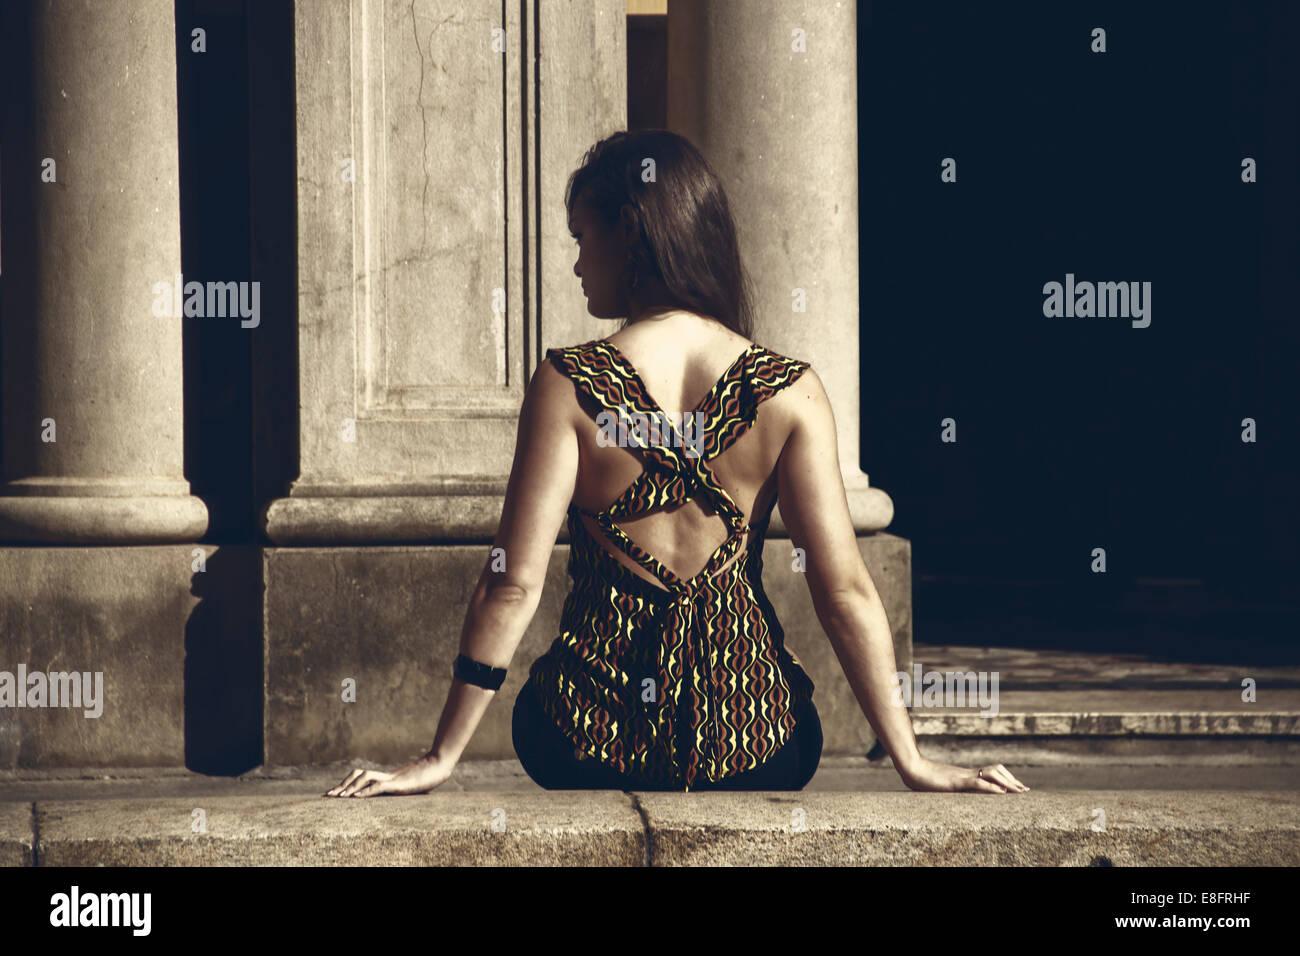 Vista trasera de una mujer sentada sobre una pared Imagen De Stock